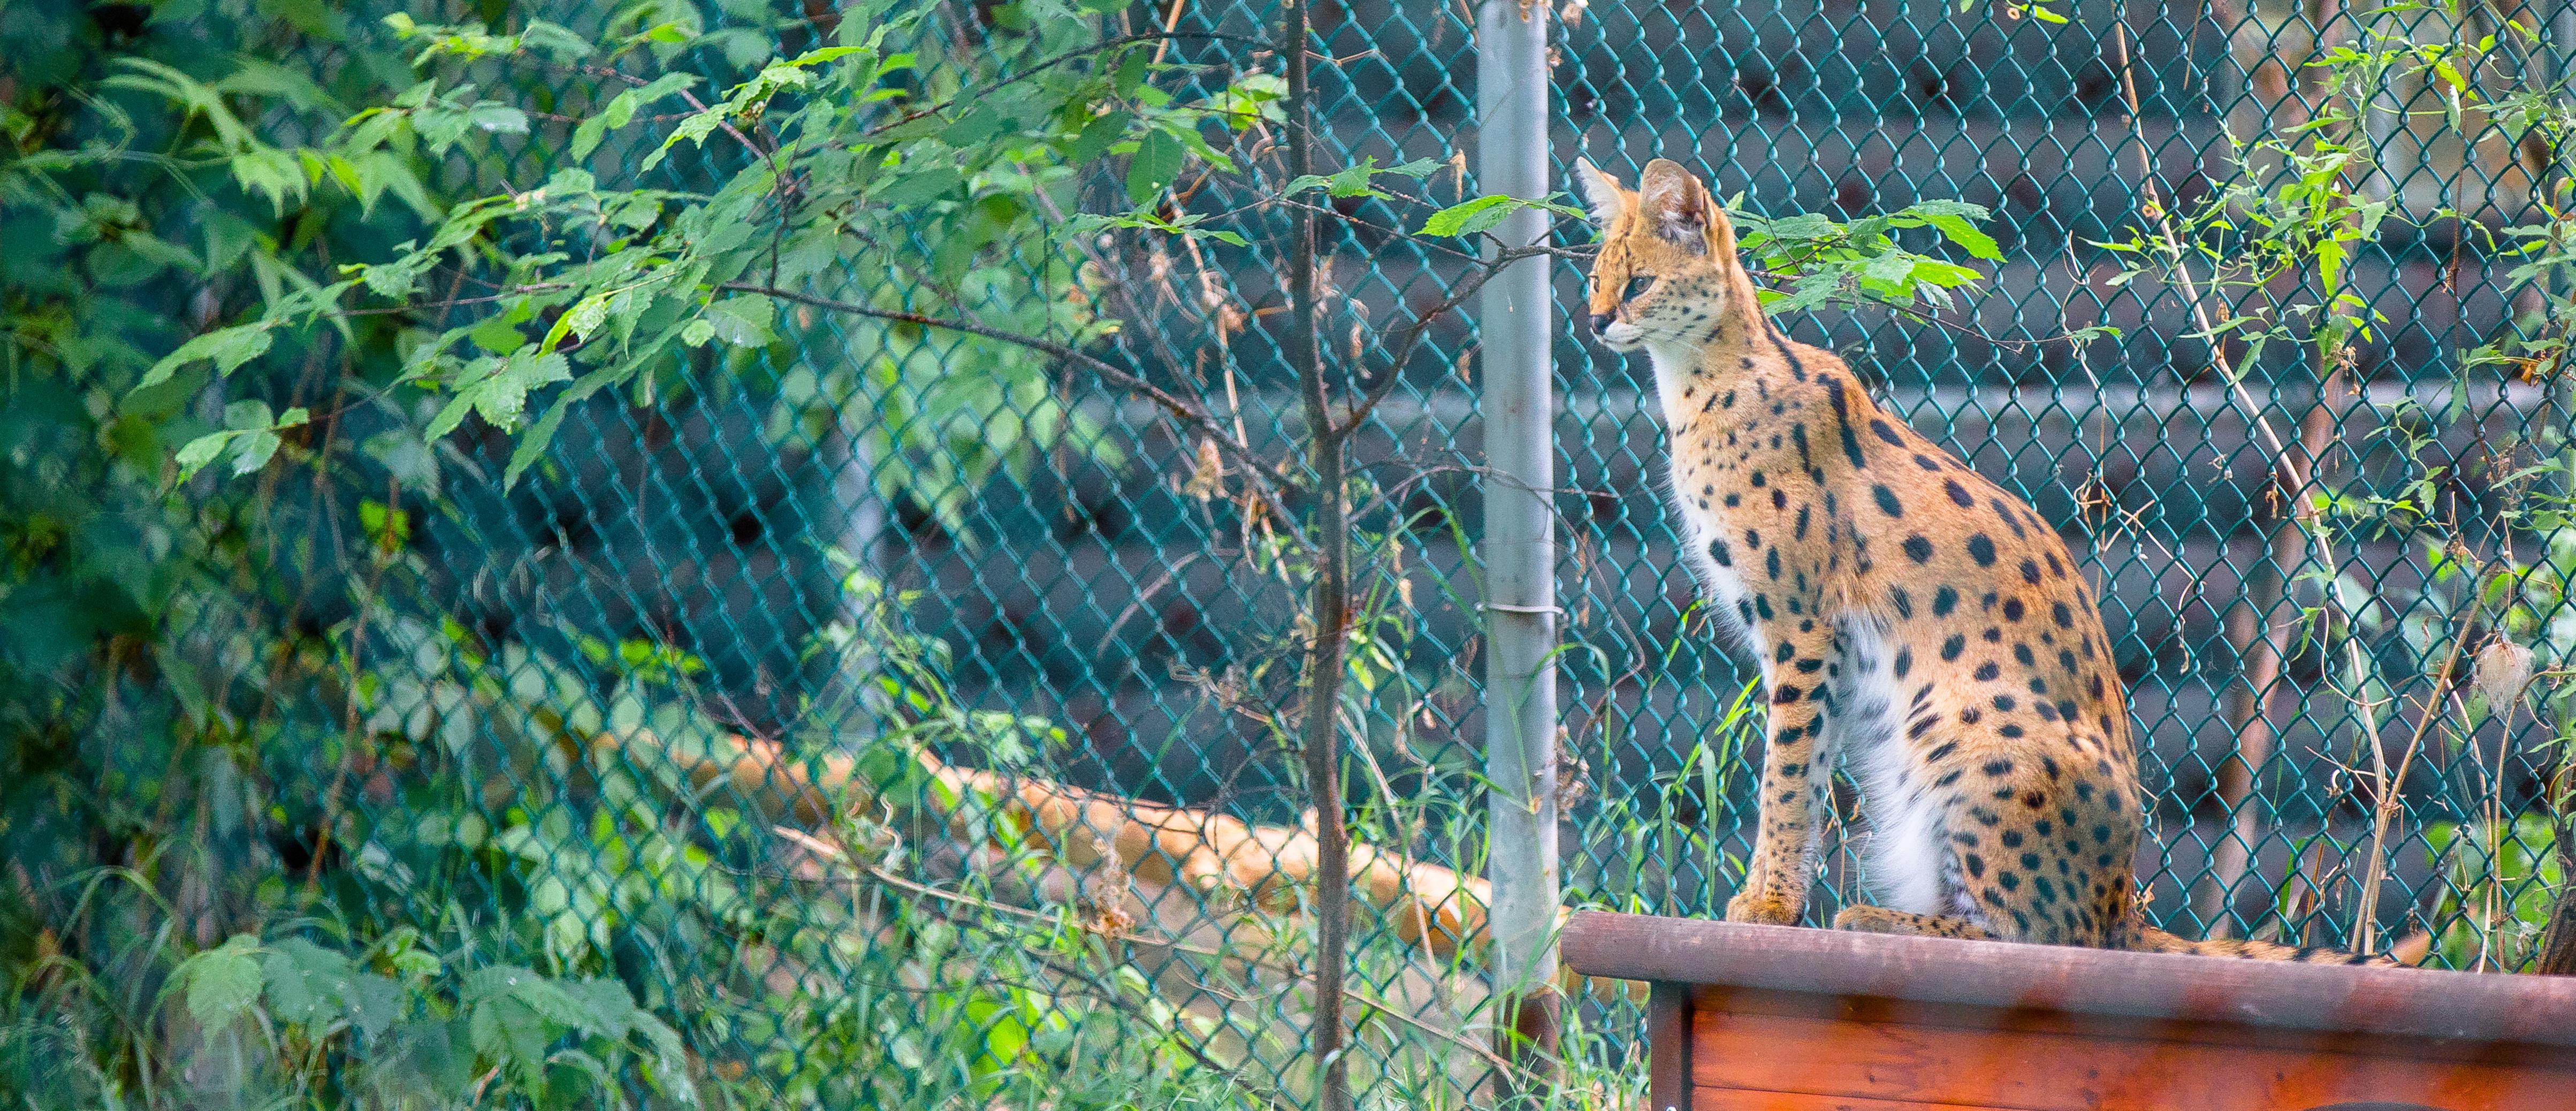 Speed dating edmonton zoo barbara mori dating